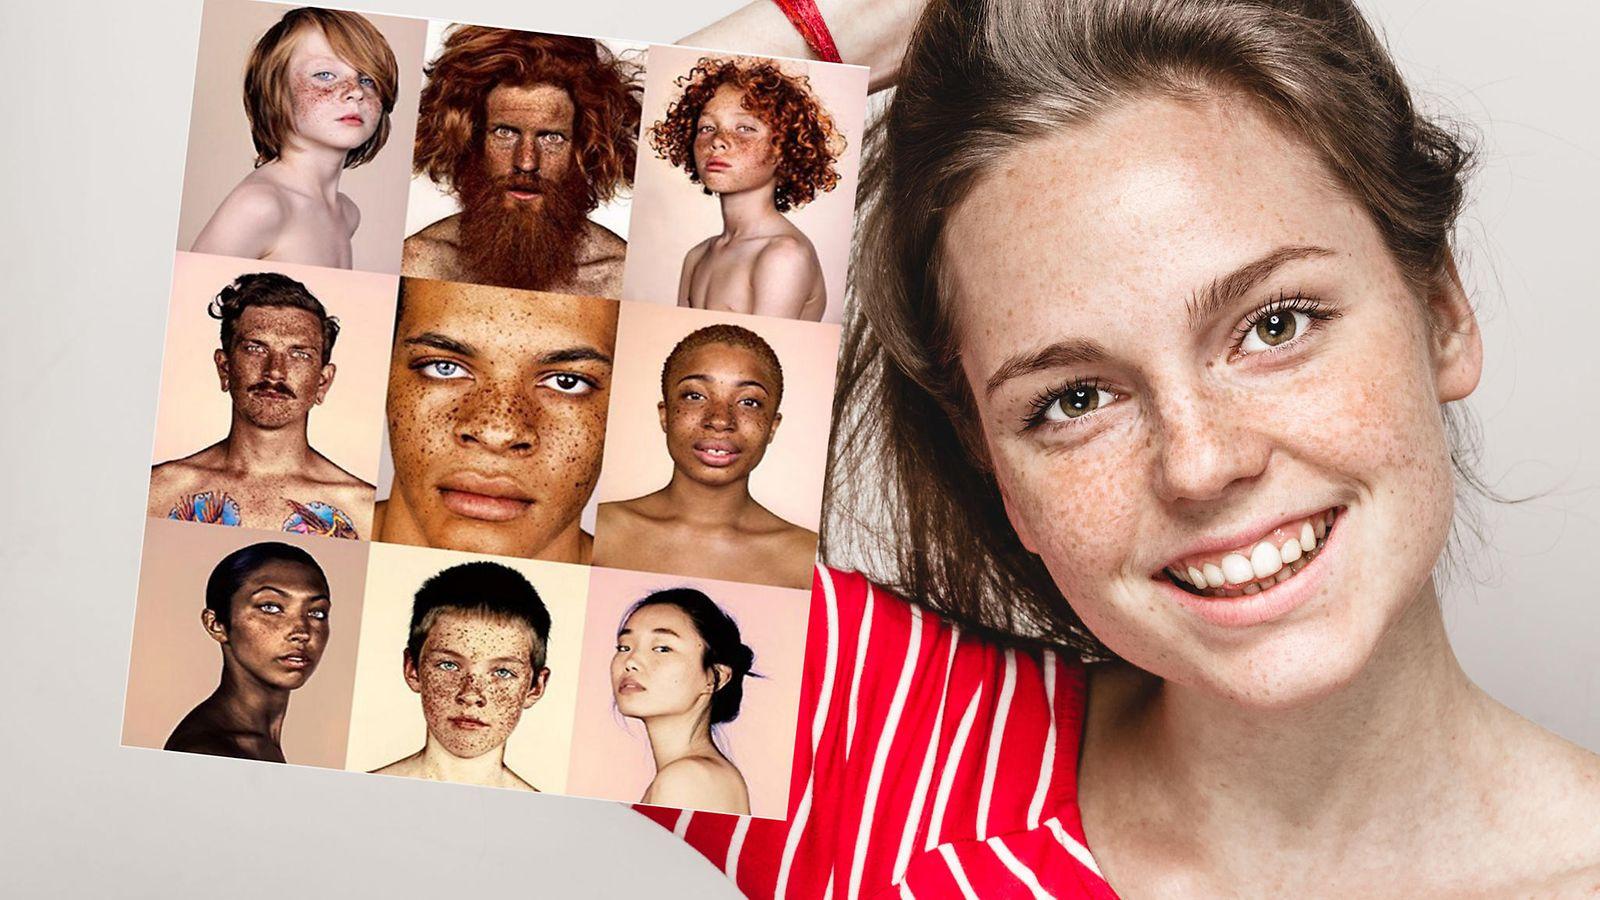 Ylistää ihon kauneutta: Valokuvaajan projekti saa sinut kadehtimaan pisamia - Lifestyle - MTV.fi